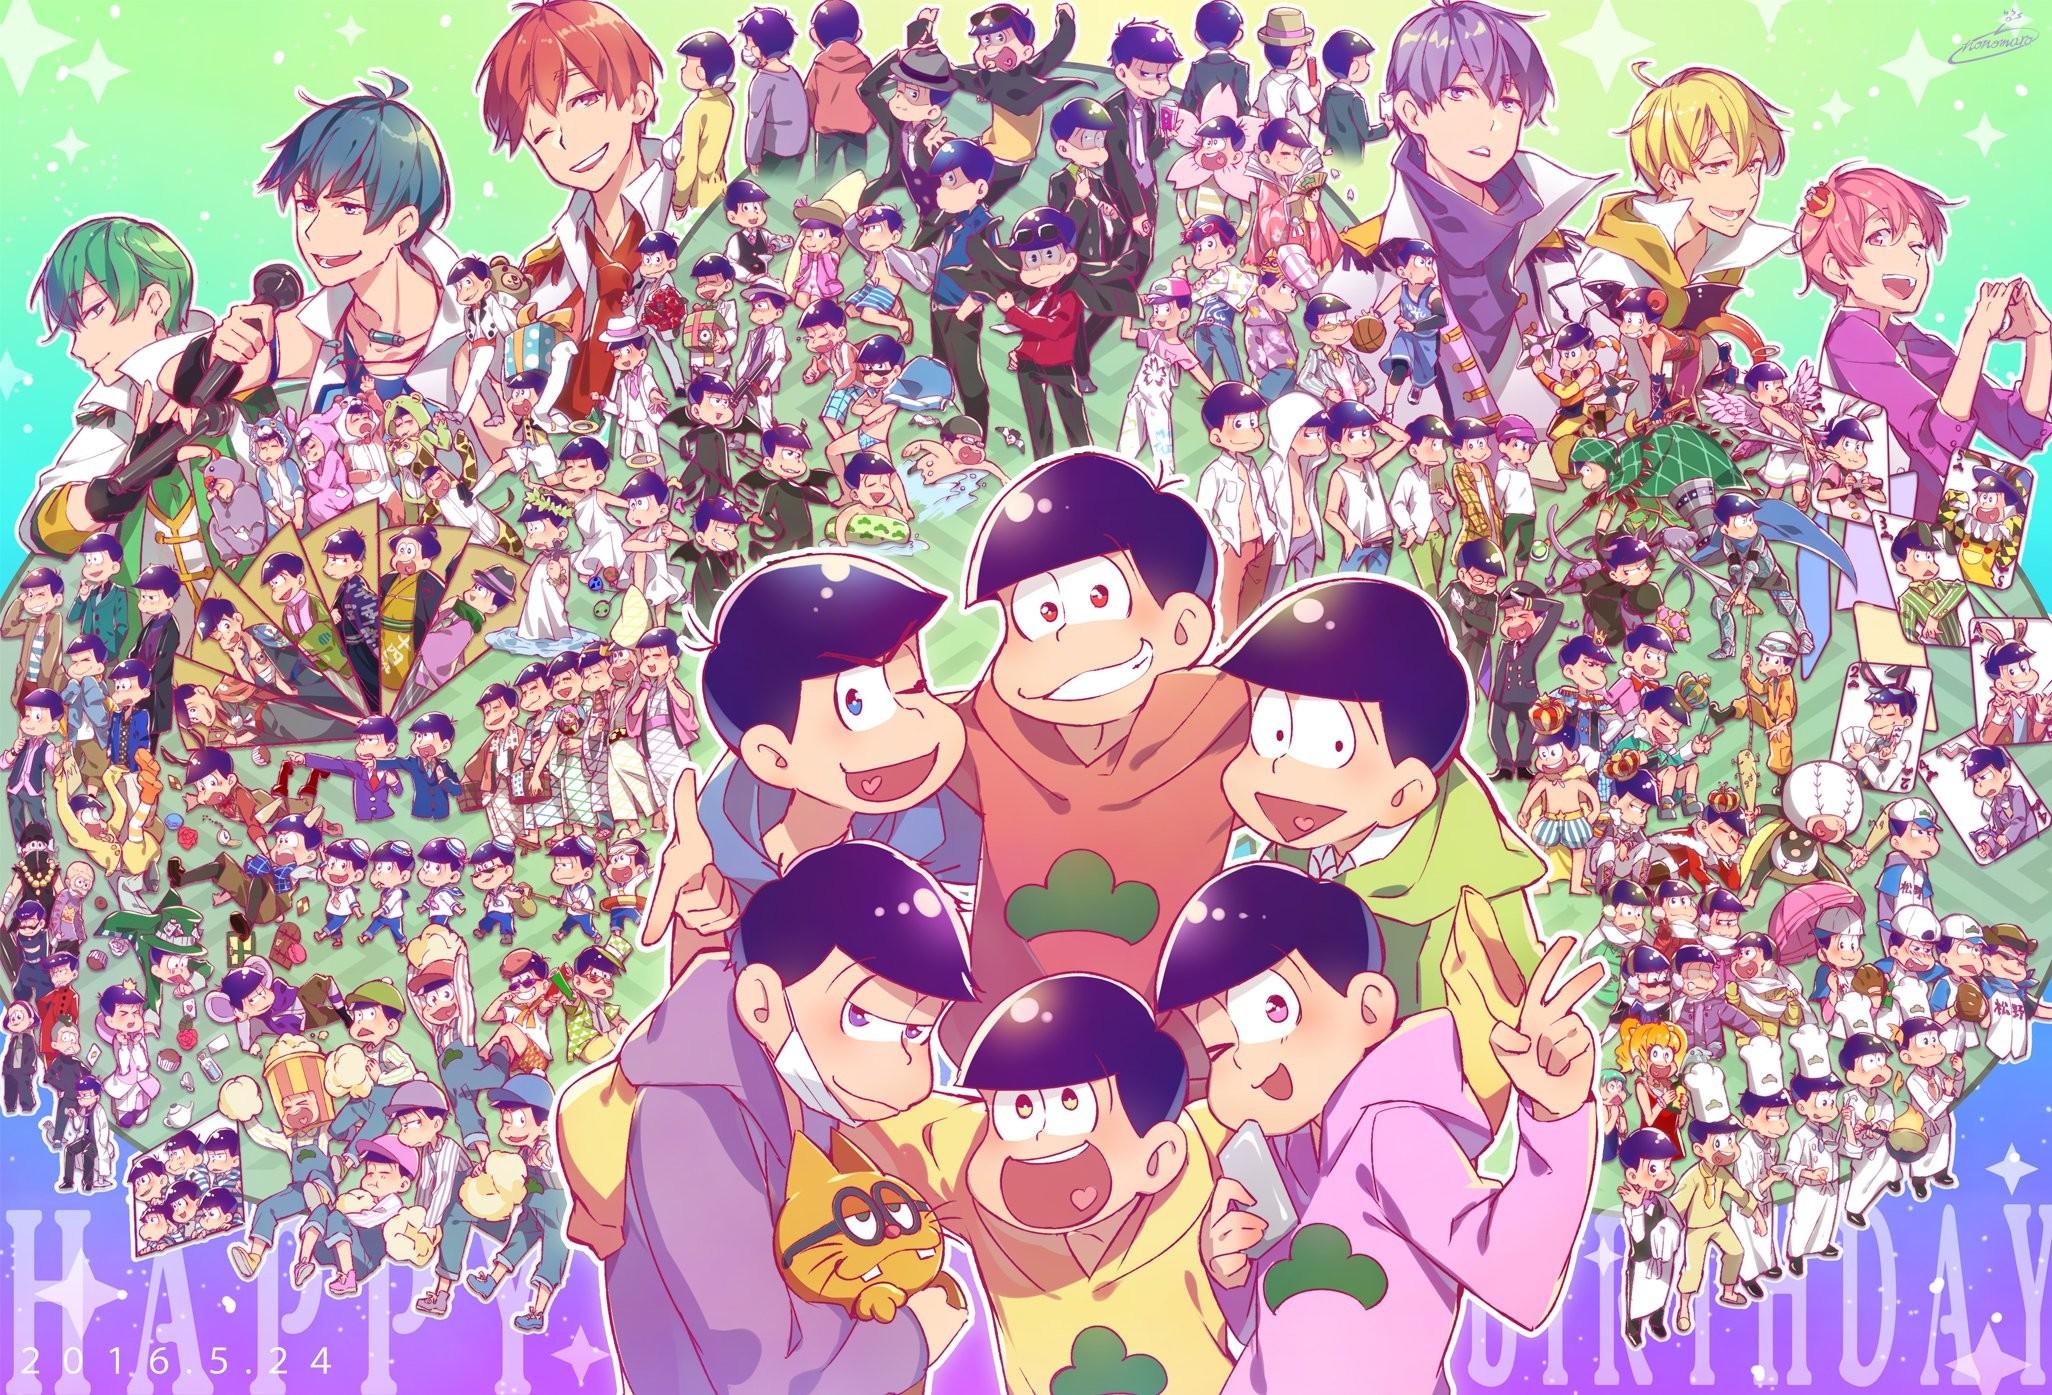 Osomatsu-kun Matsuno Todomatsu Matsuno Karamatsu Matsuno Juushimatsu  Matsuno Choromatsu wallpaper